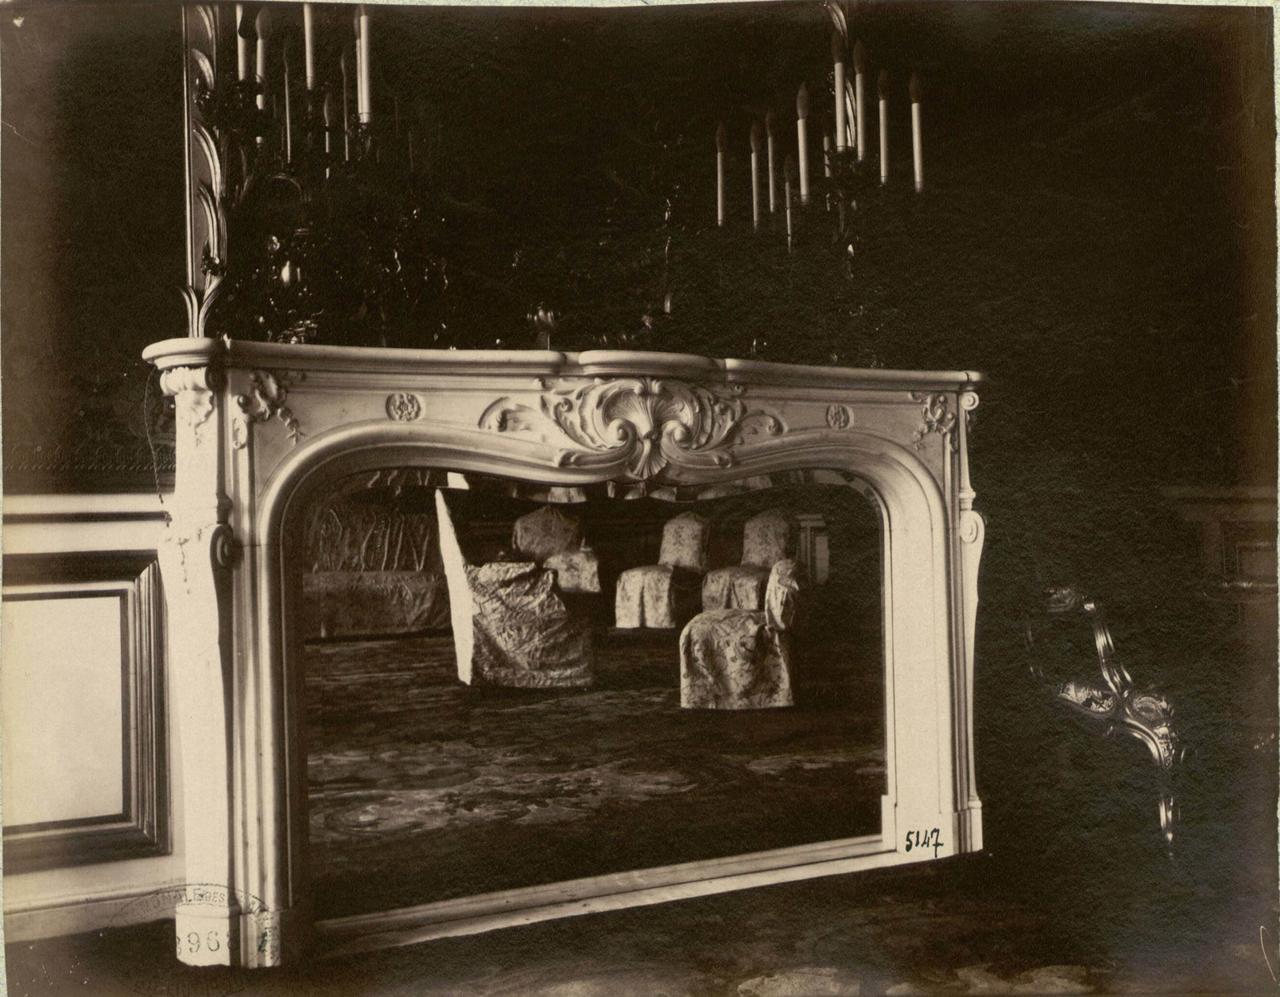 1908. Посольство Австро-Венгрии, улица Варен, 57